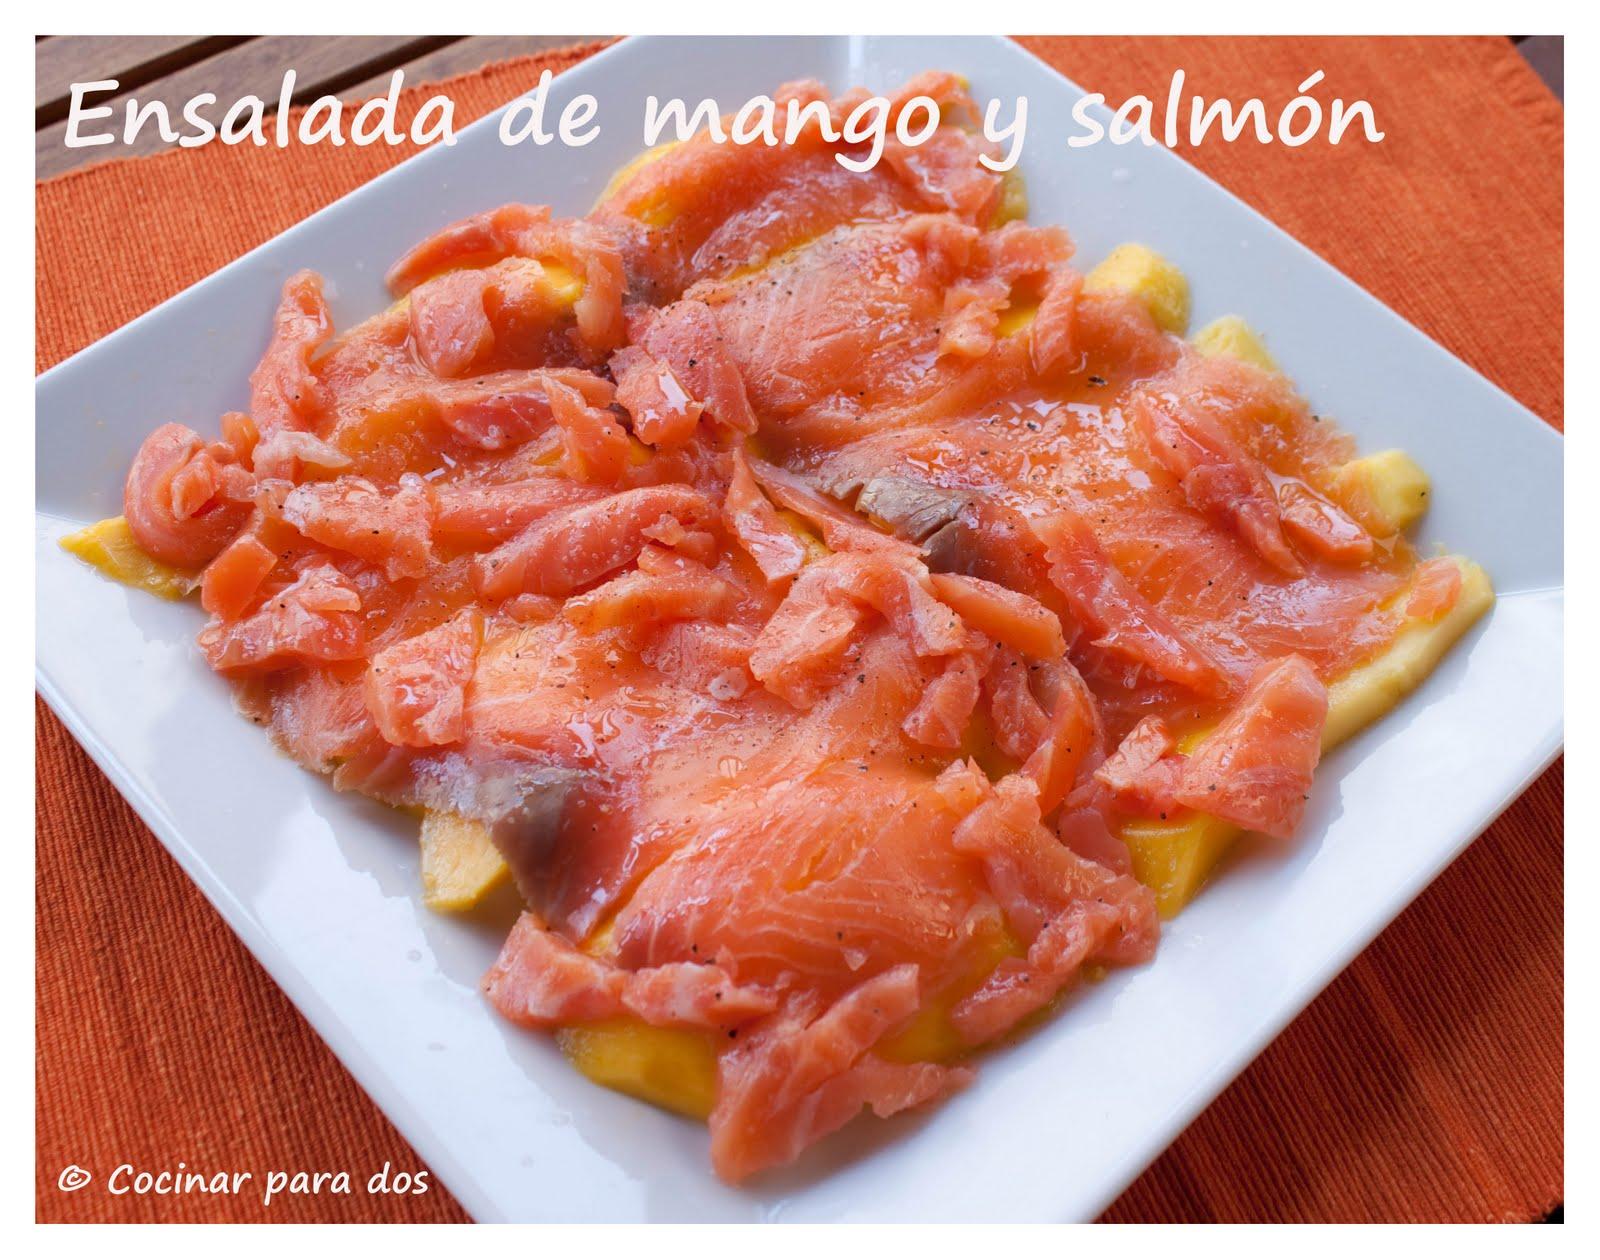 Ensalada de mango y salm n cocinar para 2 for Cocinar con mango